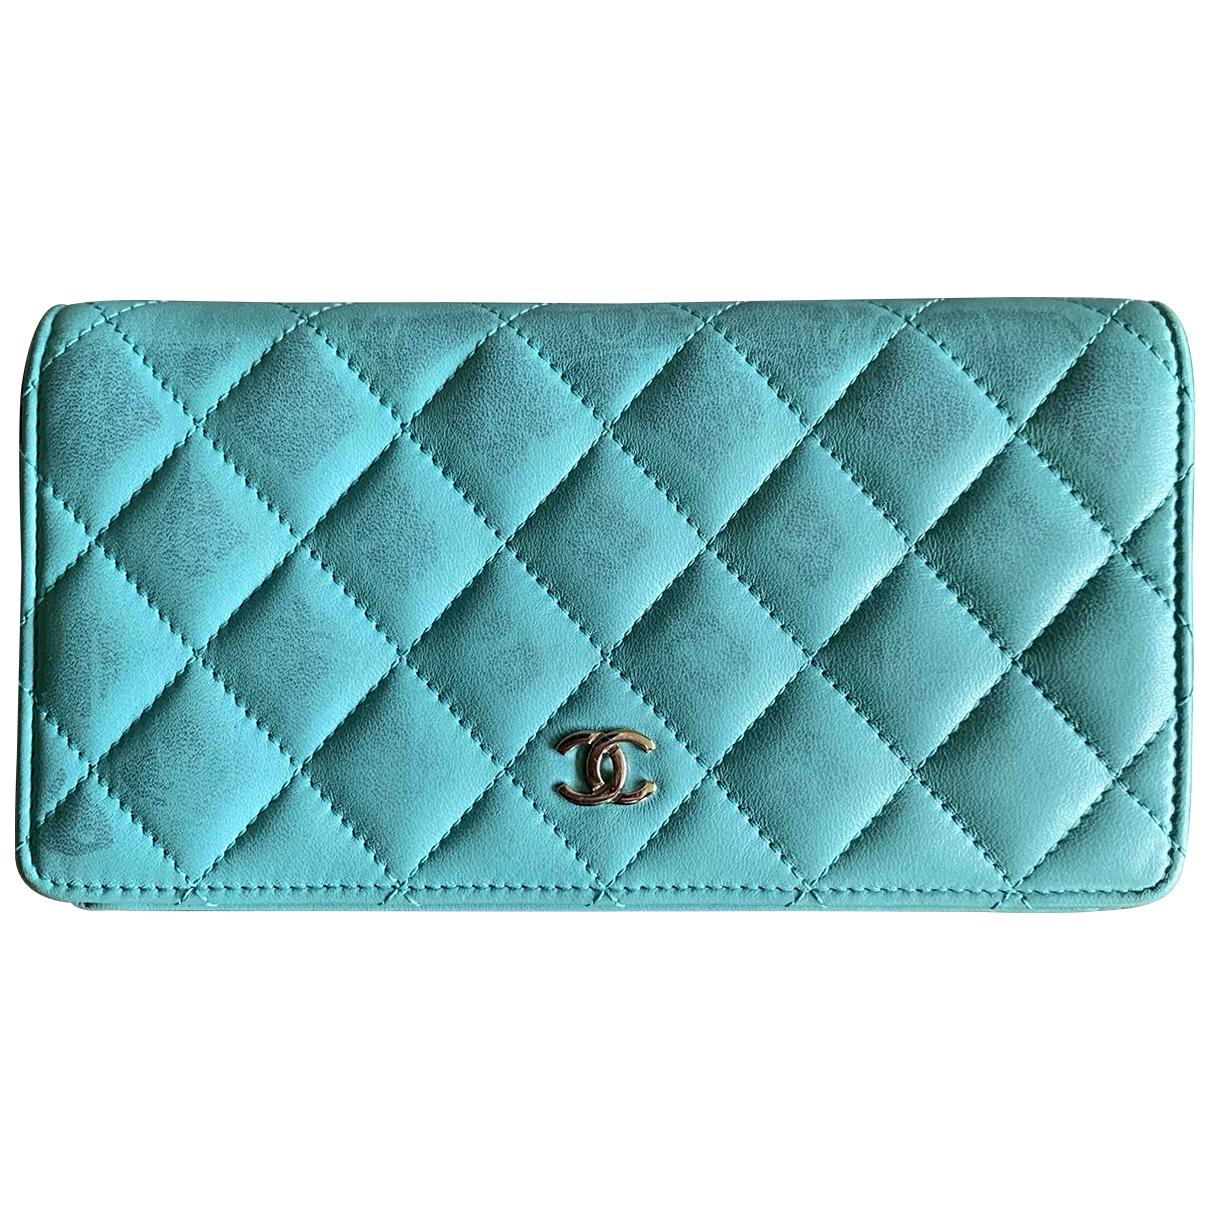 Chanel - Portefeuille Timeless/Classique pour femme en cuir - turquoise